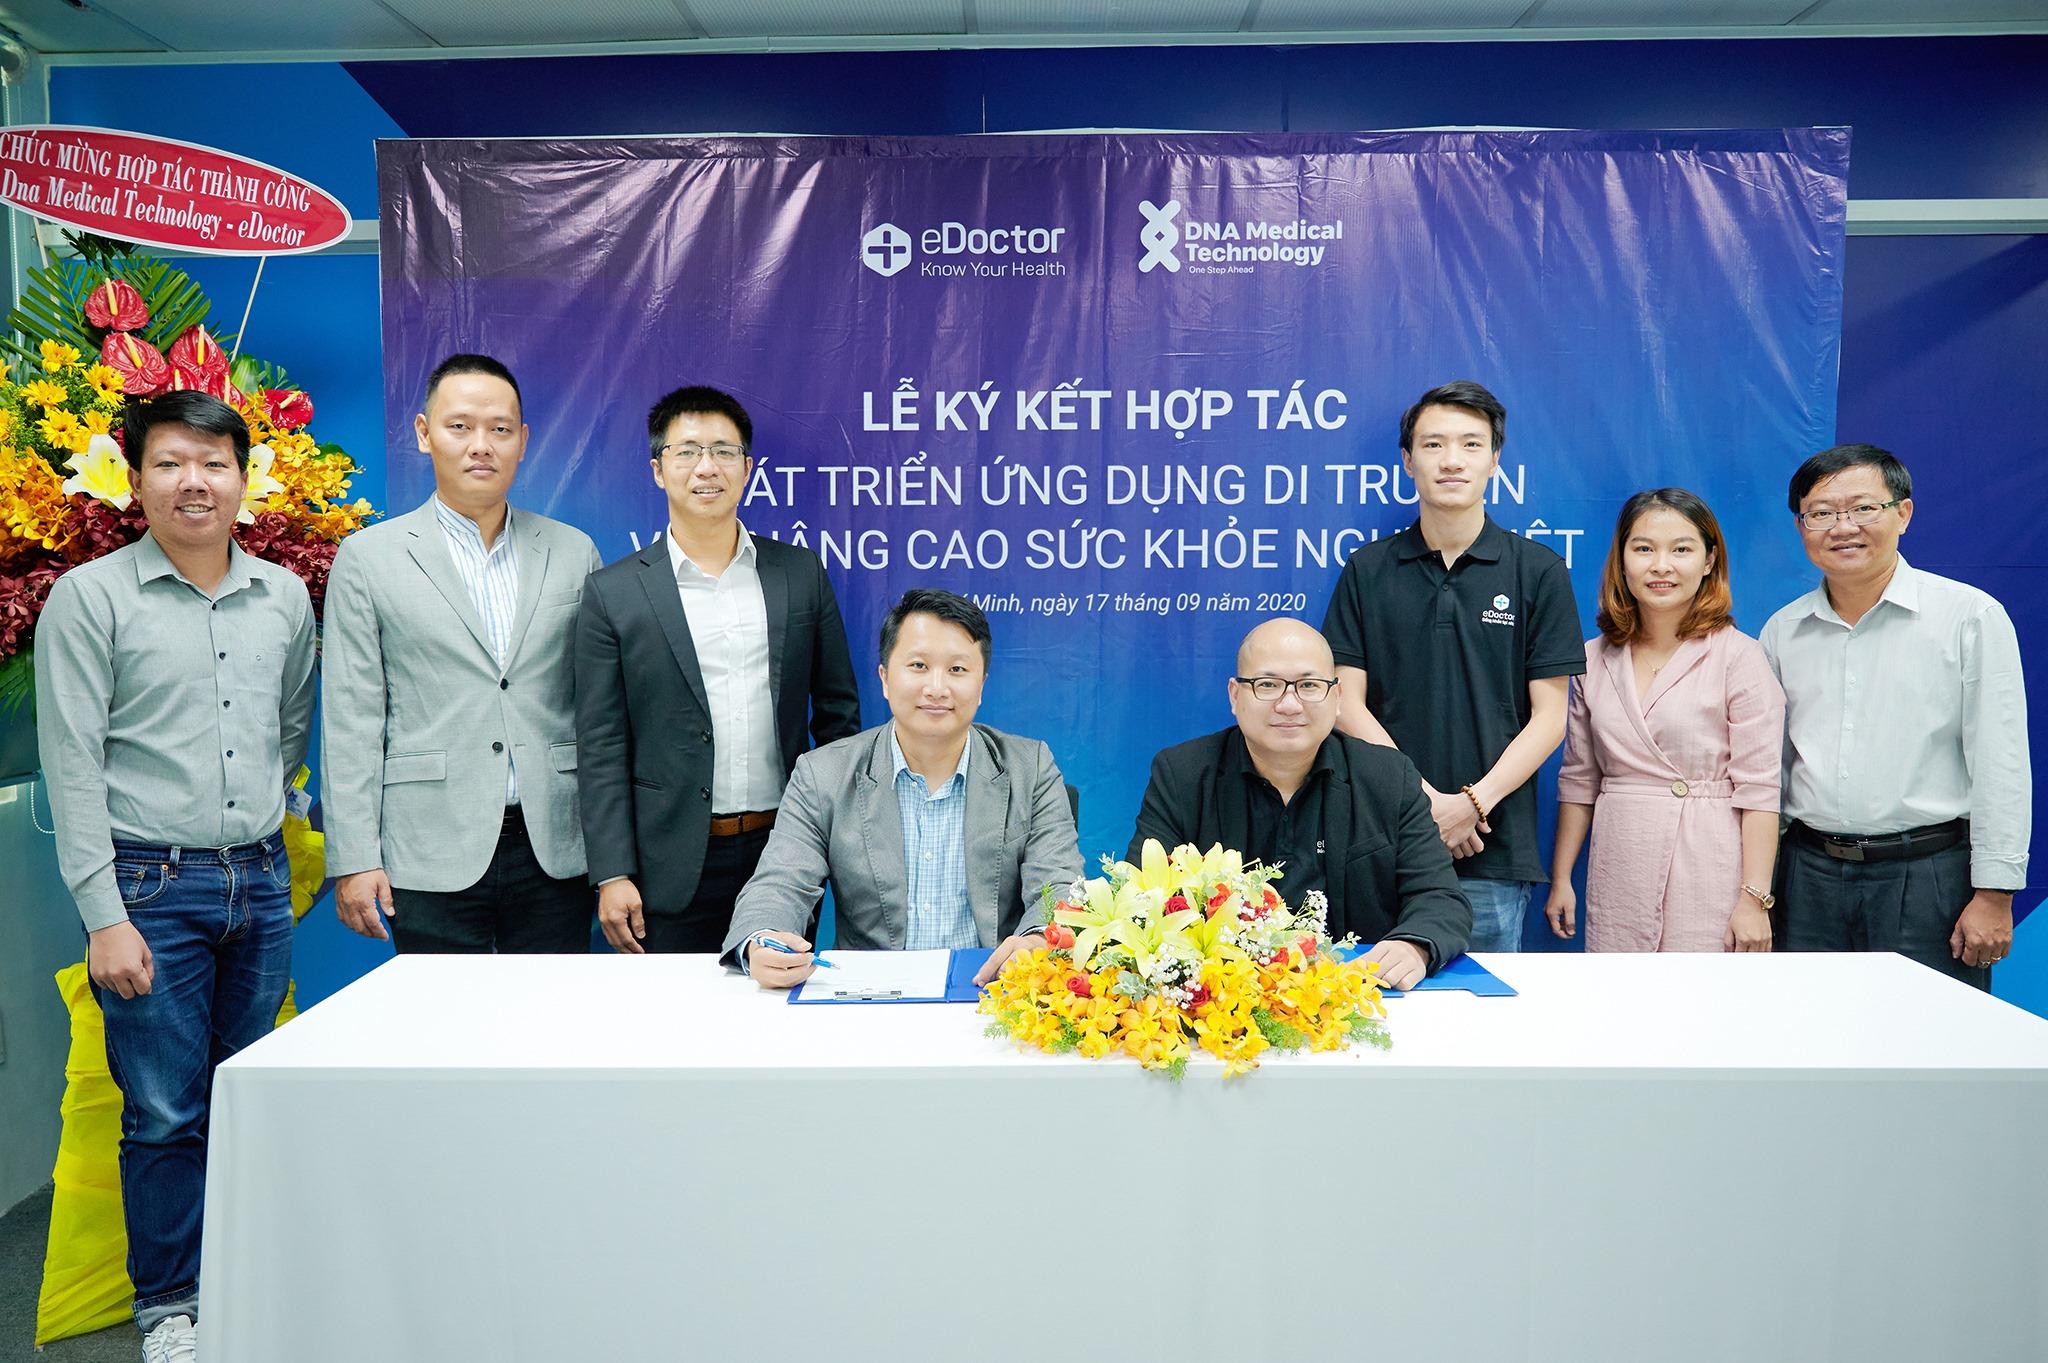 eDoctor - eDoctor và DNA Medical Technology hợp tác nâng cao sức khỏe người Việt Nam